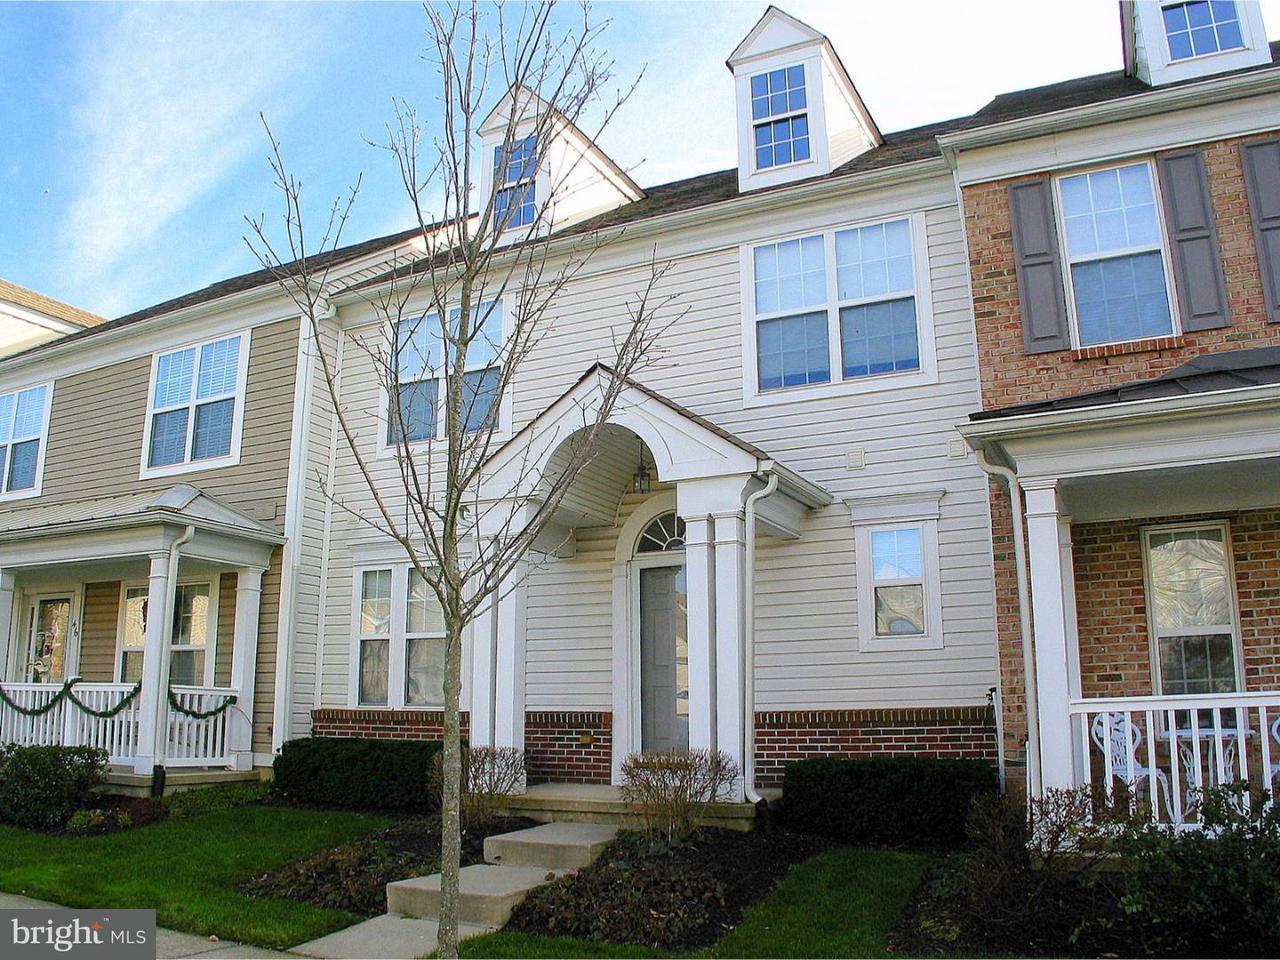 Частный односемейный дом для того Аренда на 44 BORTON Avenue Voorhees, Нью-Джерси 08043 Соединенные Штаты